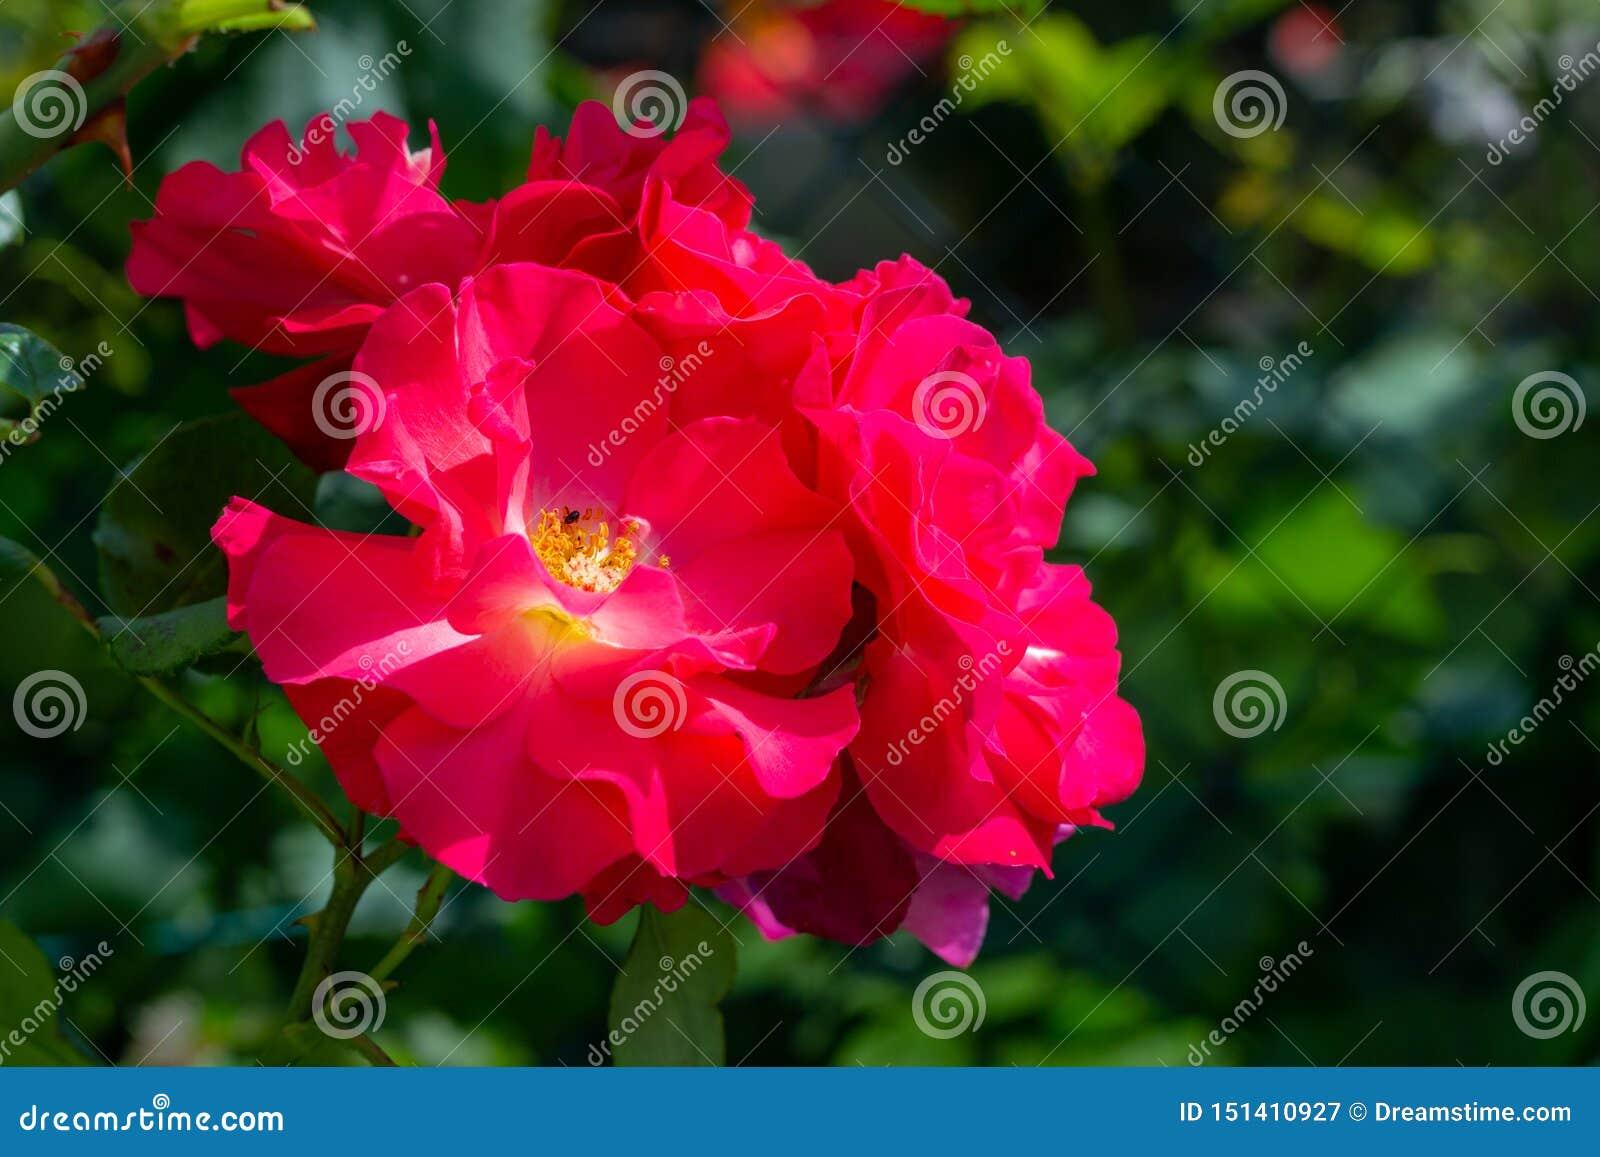 Όμορφο σύνολο ρόδινων τριαντάφυλλων